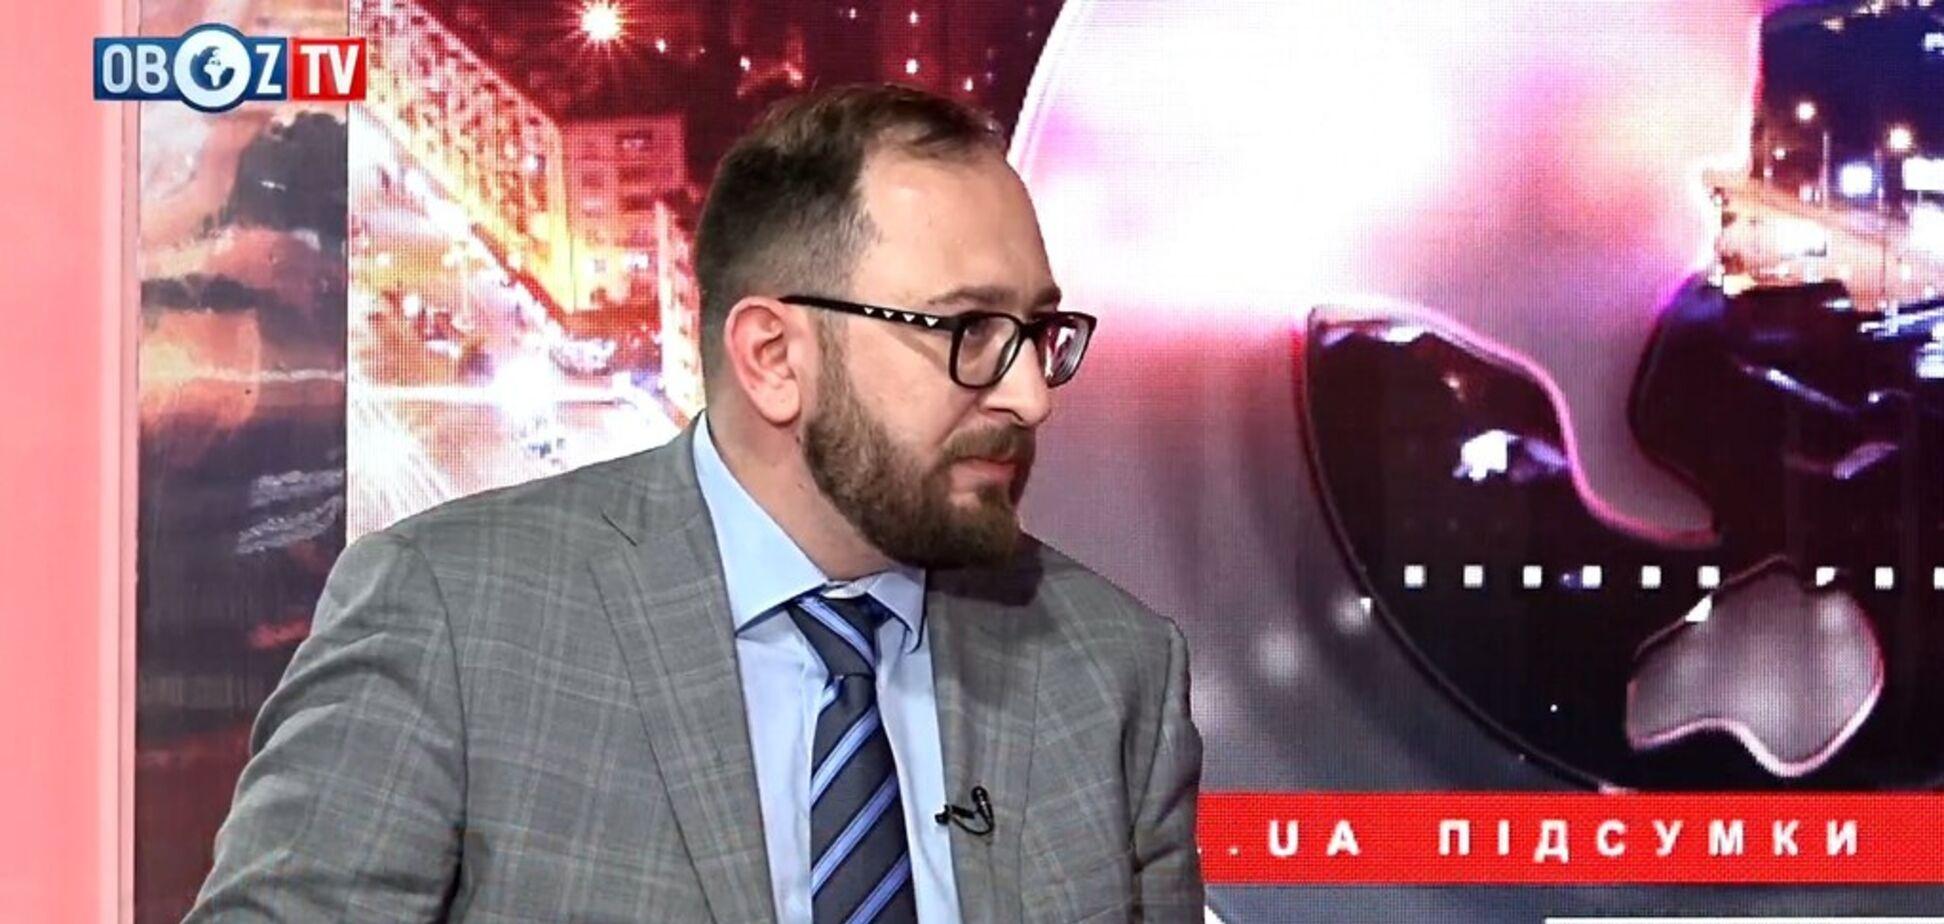 'Освободить можно за 1-3 дня': адвокат украинских моряков рассказал об 'отмашке из Кремля'